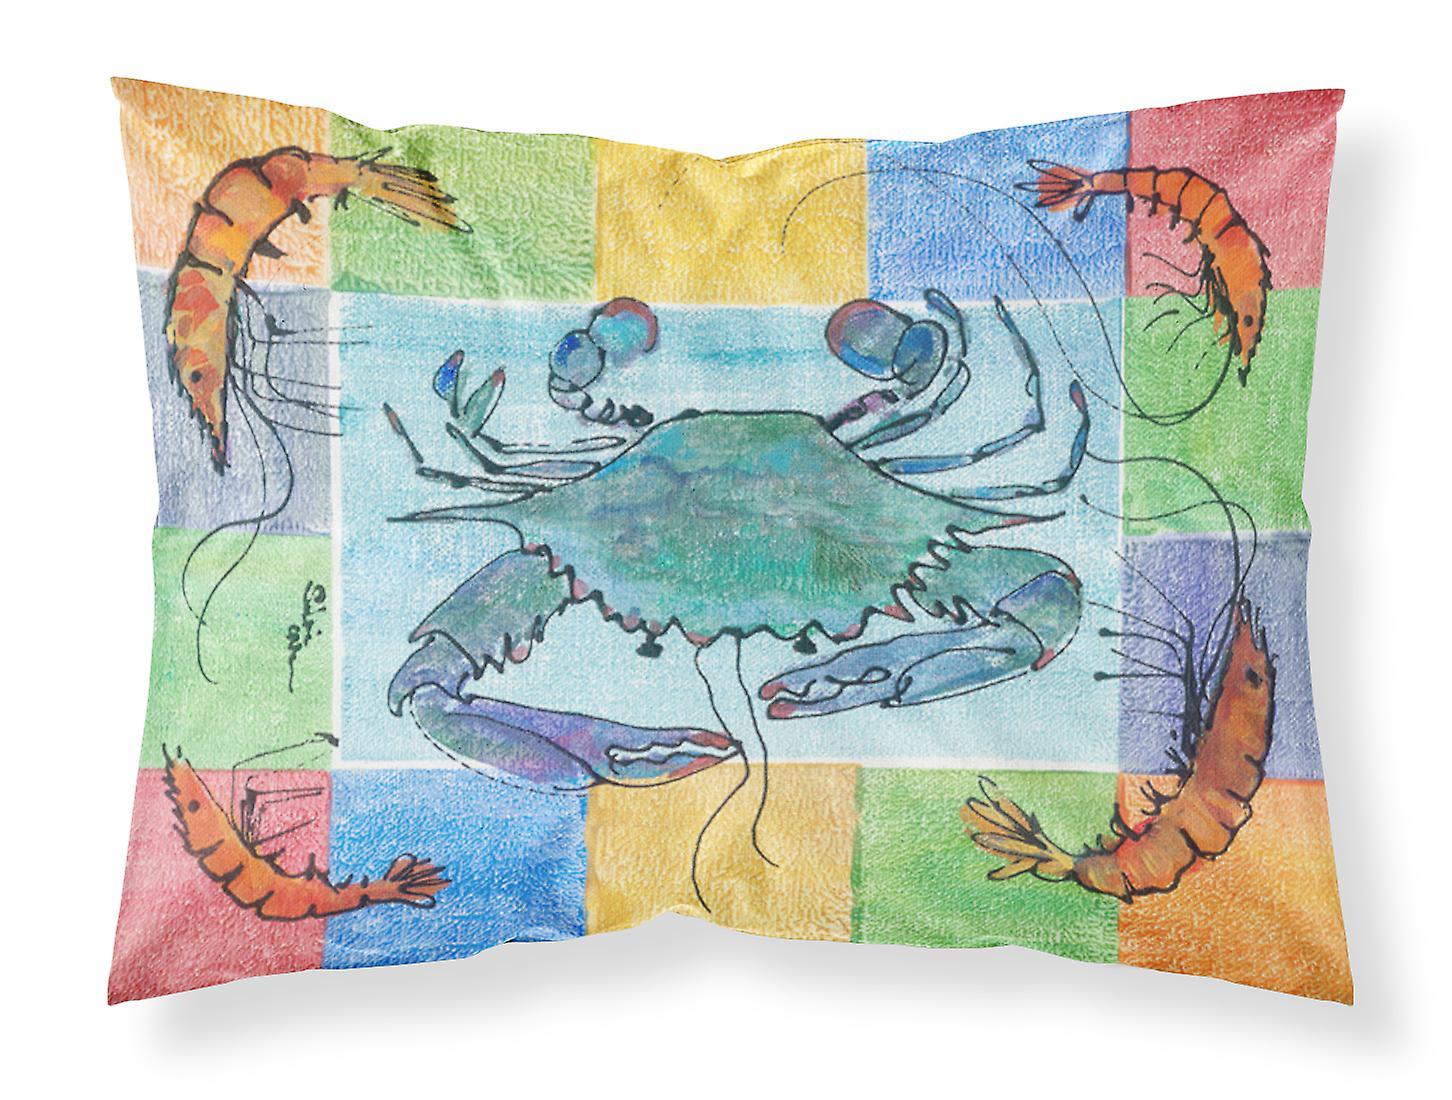 Carolines Standard Tissu Humidité 8040pillowcase Crabe Trésors De Wicking Oreiller P8nwOkX0